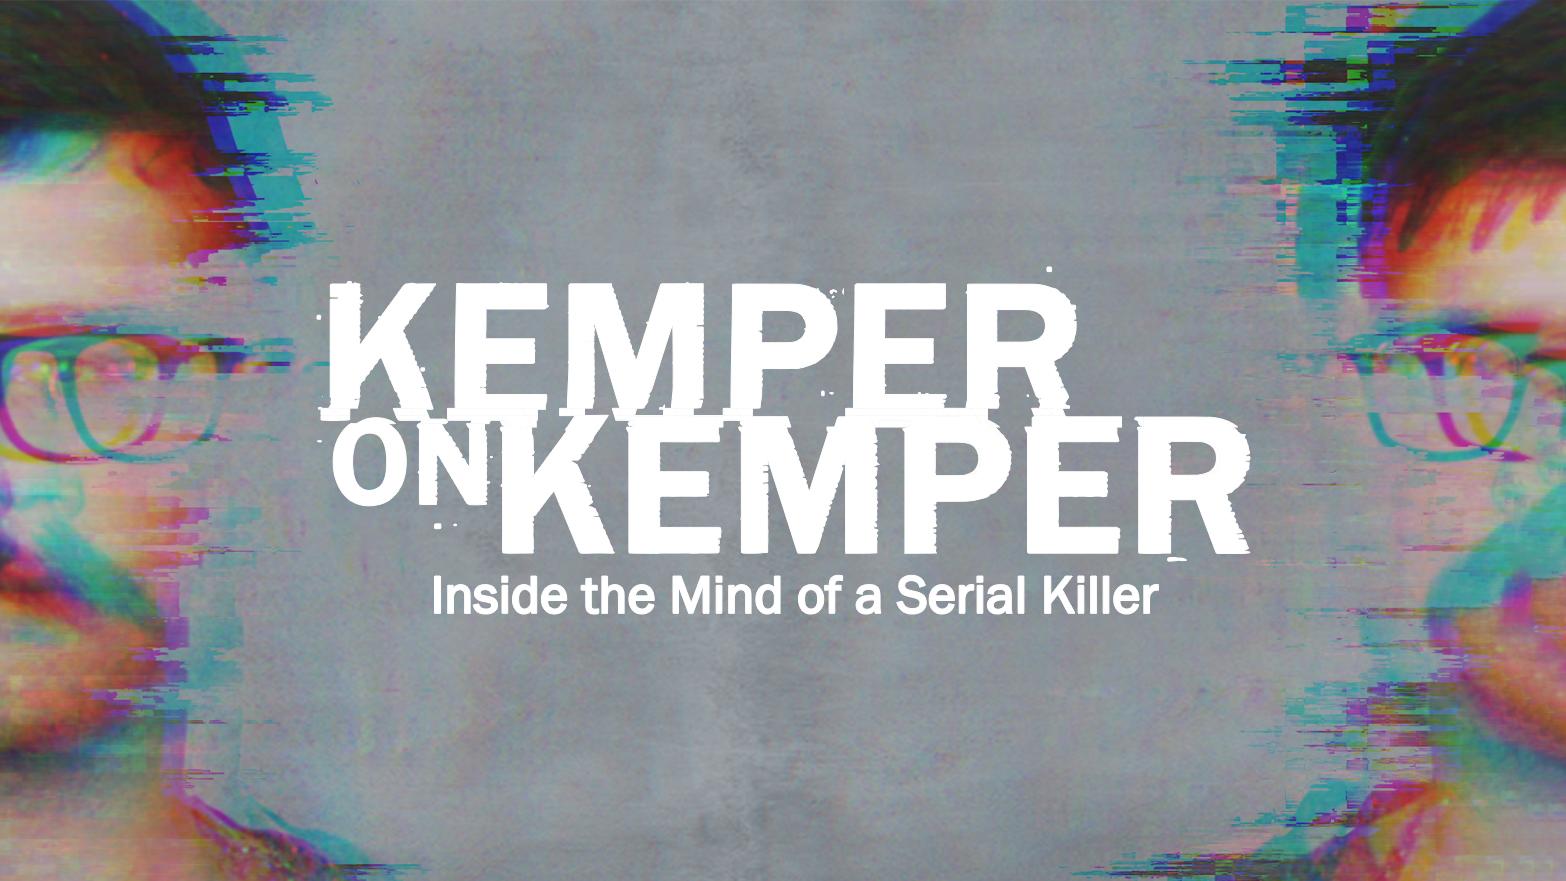 Kemper on Kemper